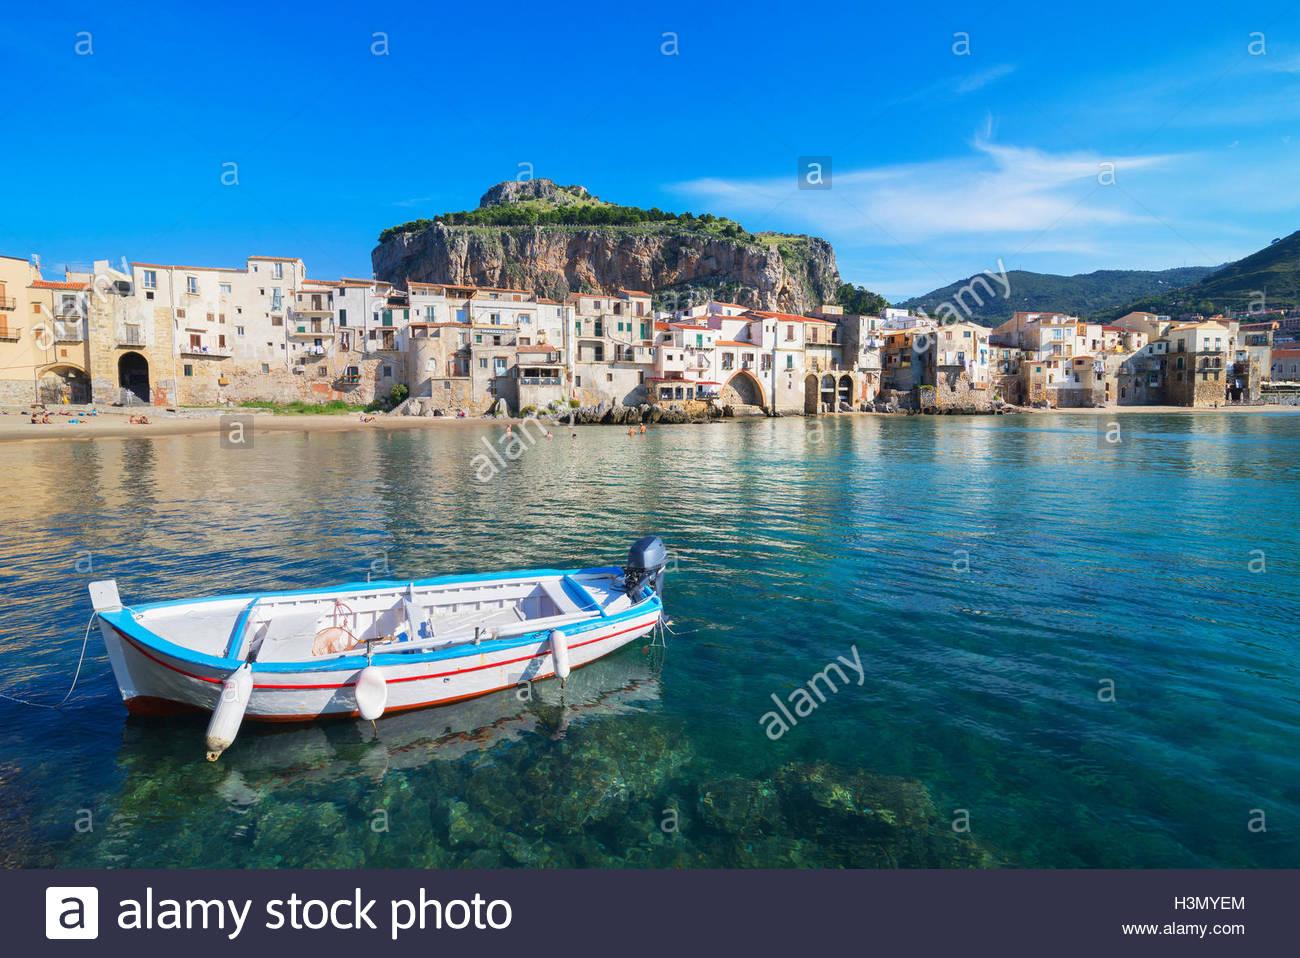 Fischerboot in der Nähe von alte Stadt am Wasser und La Rocca, Cefalu, Sizilien, Italien Stockbild